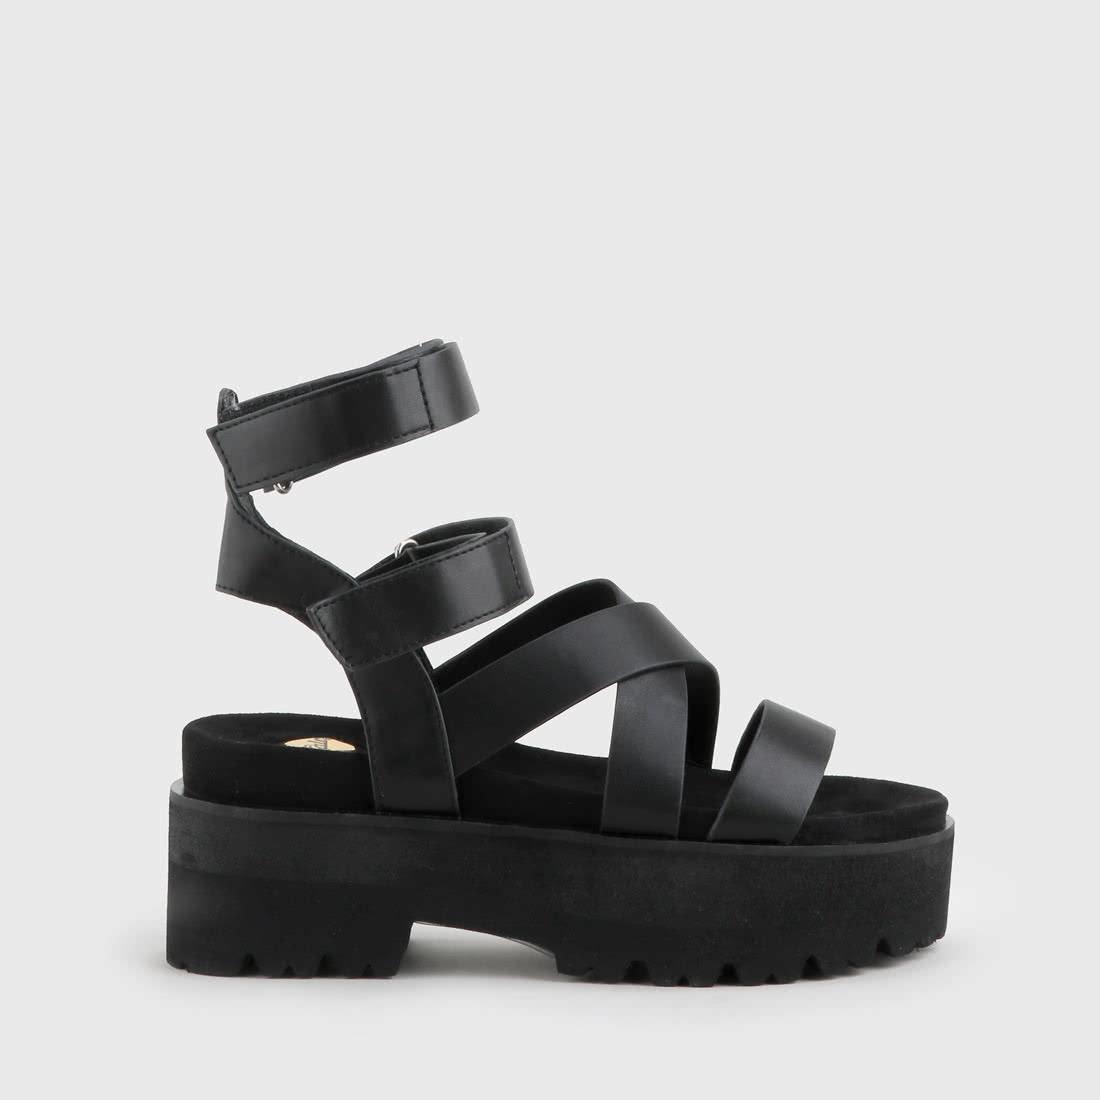 967794b1ff3 Elsie Sandal Platform Black buy online in BUFFALO Online-Shop